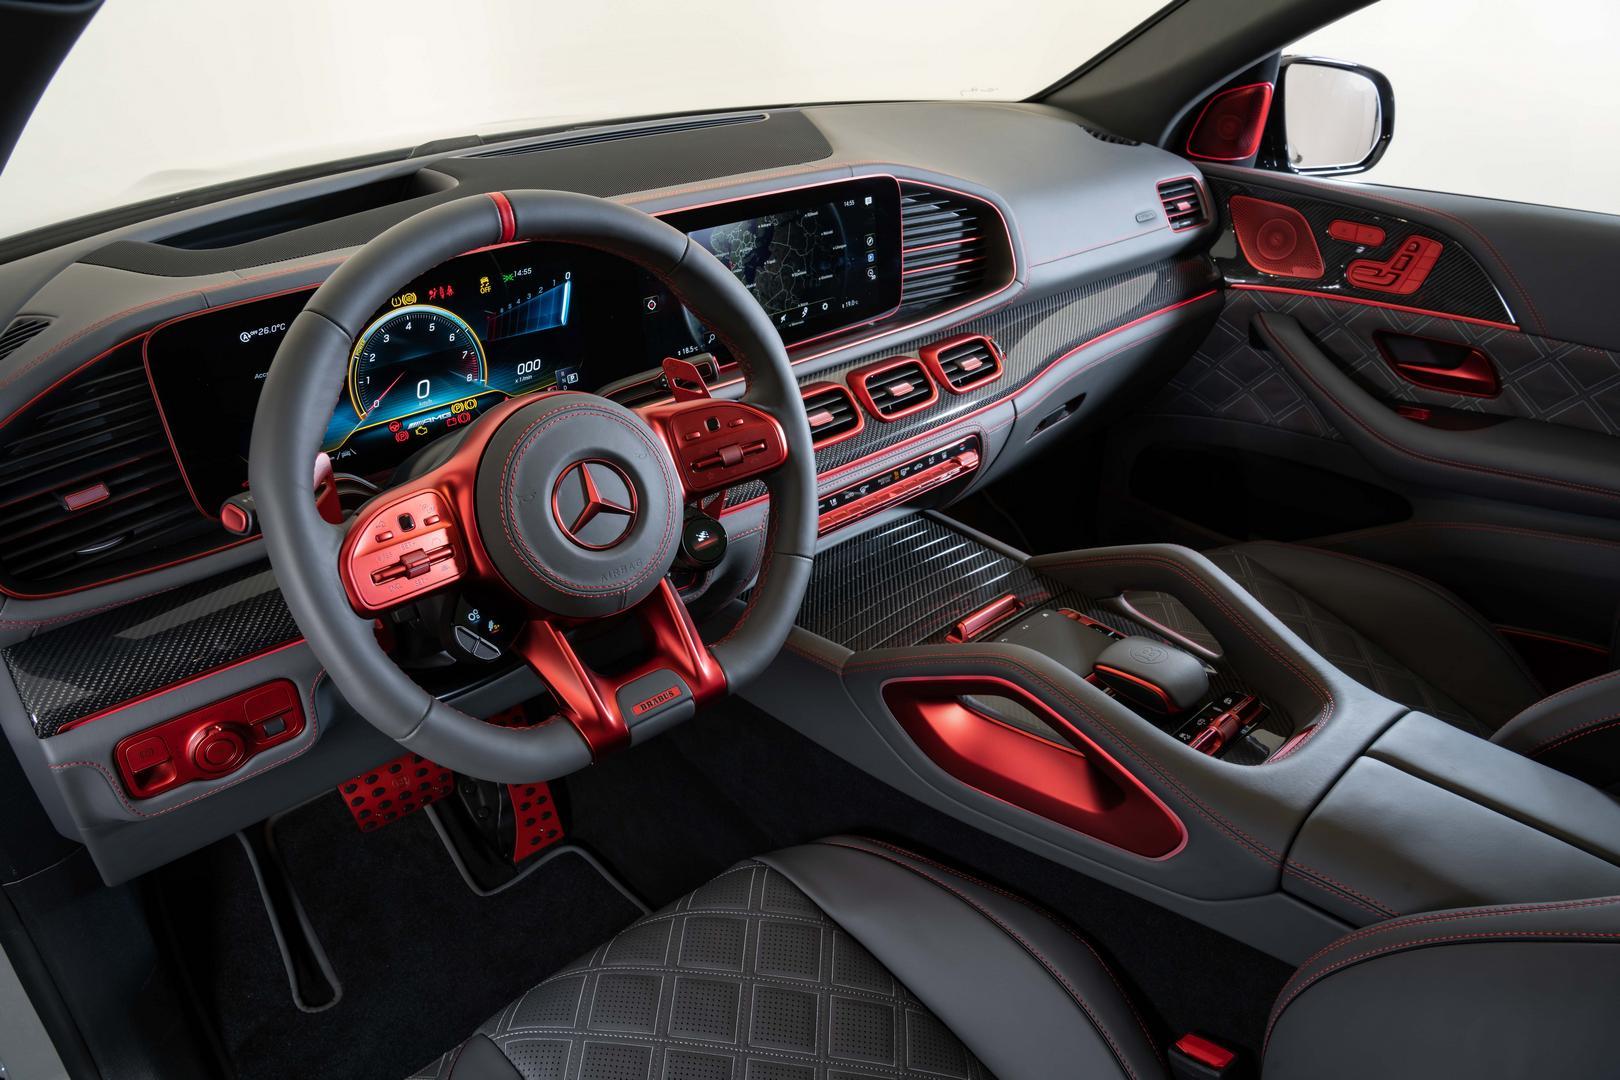 900 Rocket Edition был оснащен колесами Monoblock Z 'Platinum Edition' диаметром 24 дюйма и открытыми карбоновыми аэродинамическими дисками. Передняя ось оснащена колесами размером 10Jx24, установленными на высокопроизводительных шинах 295/30 ZR24, т